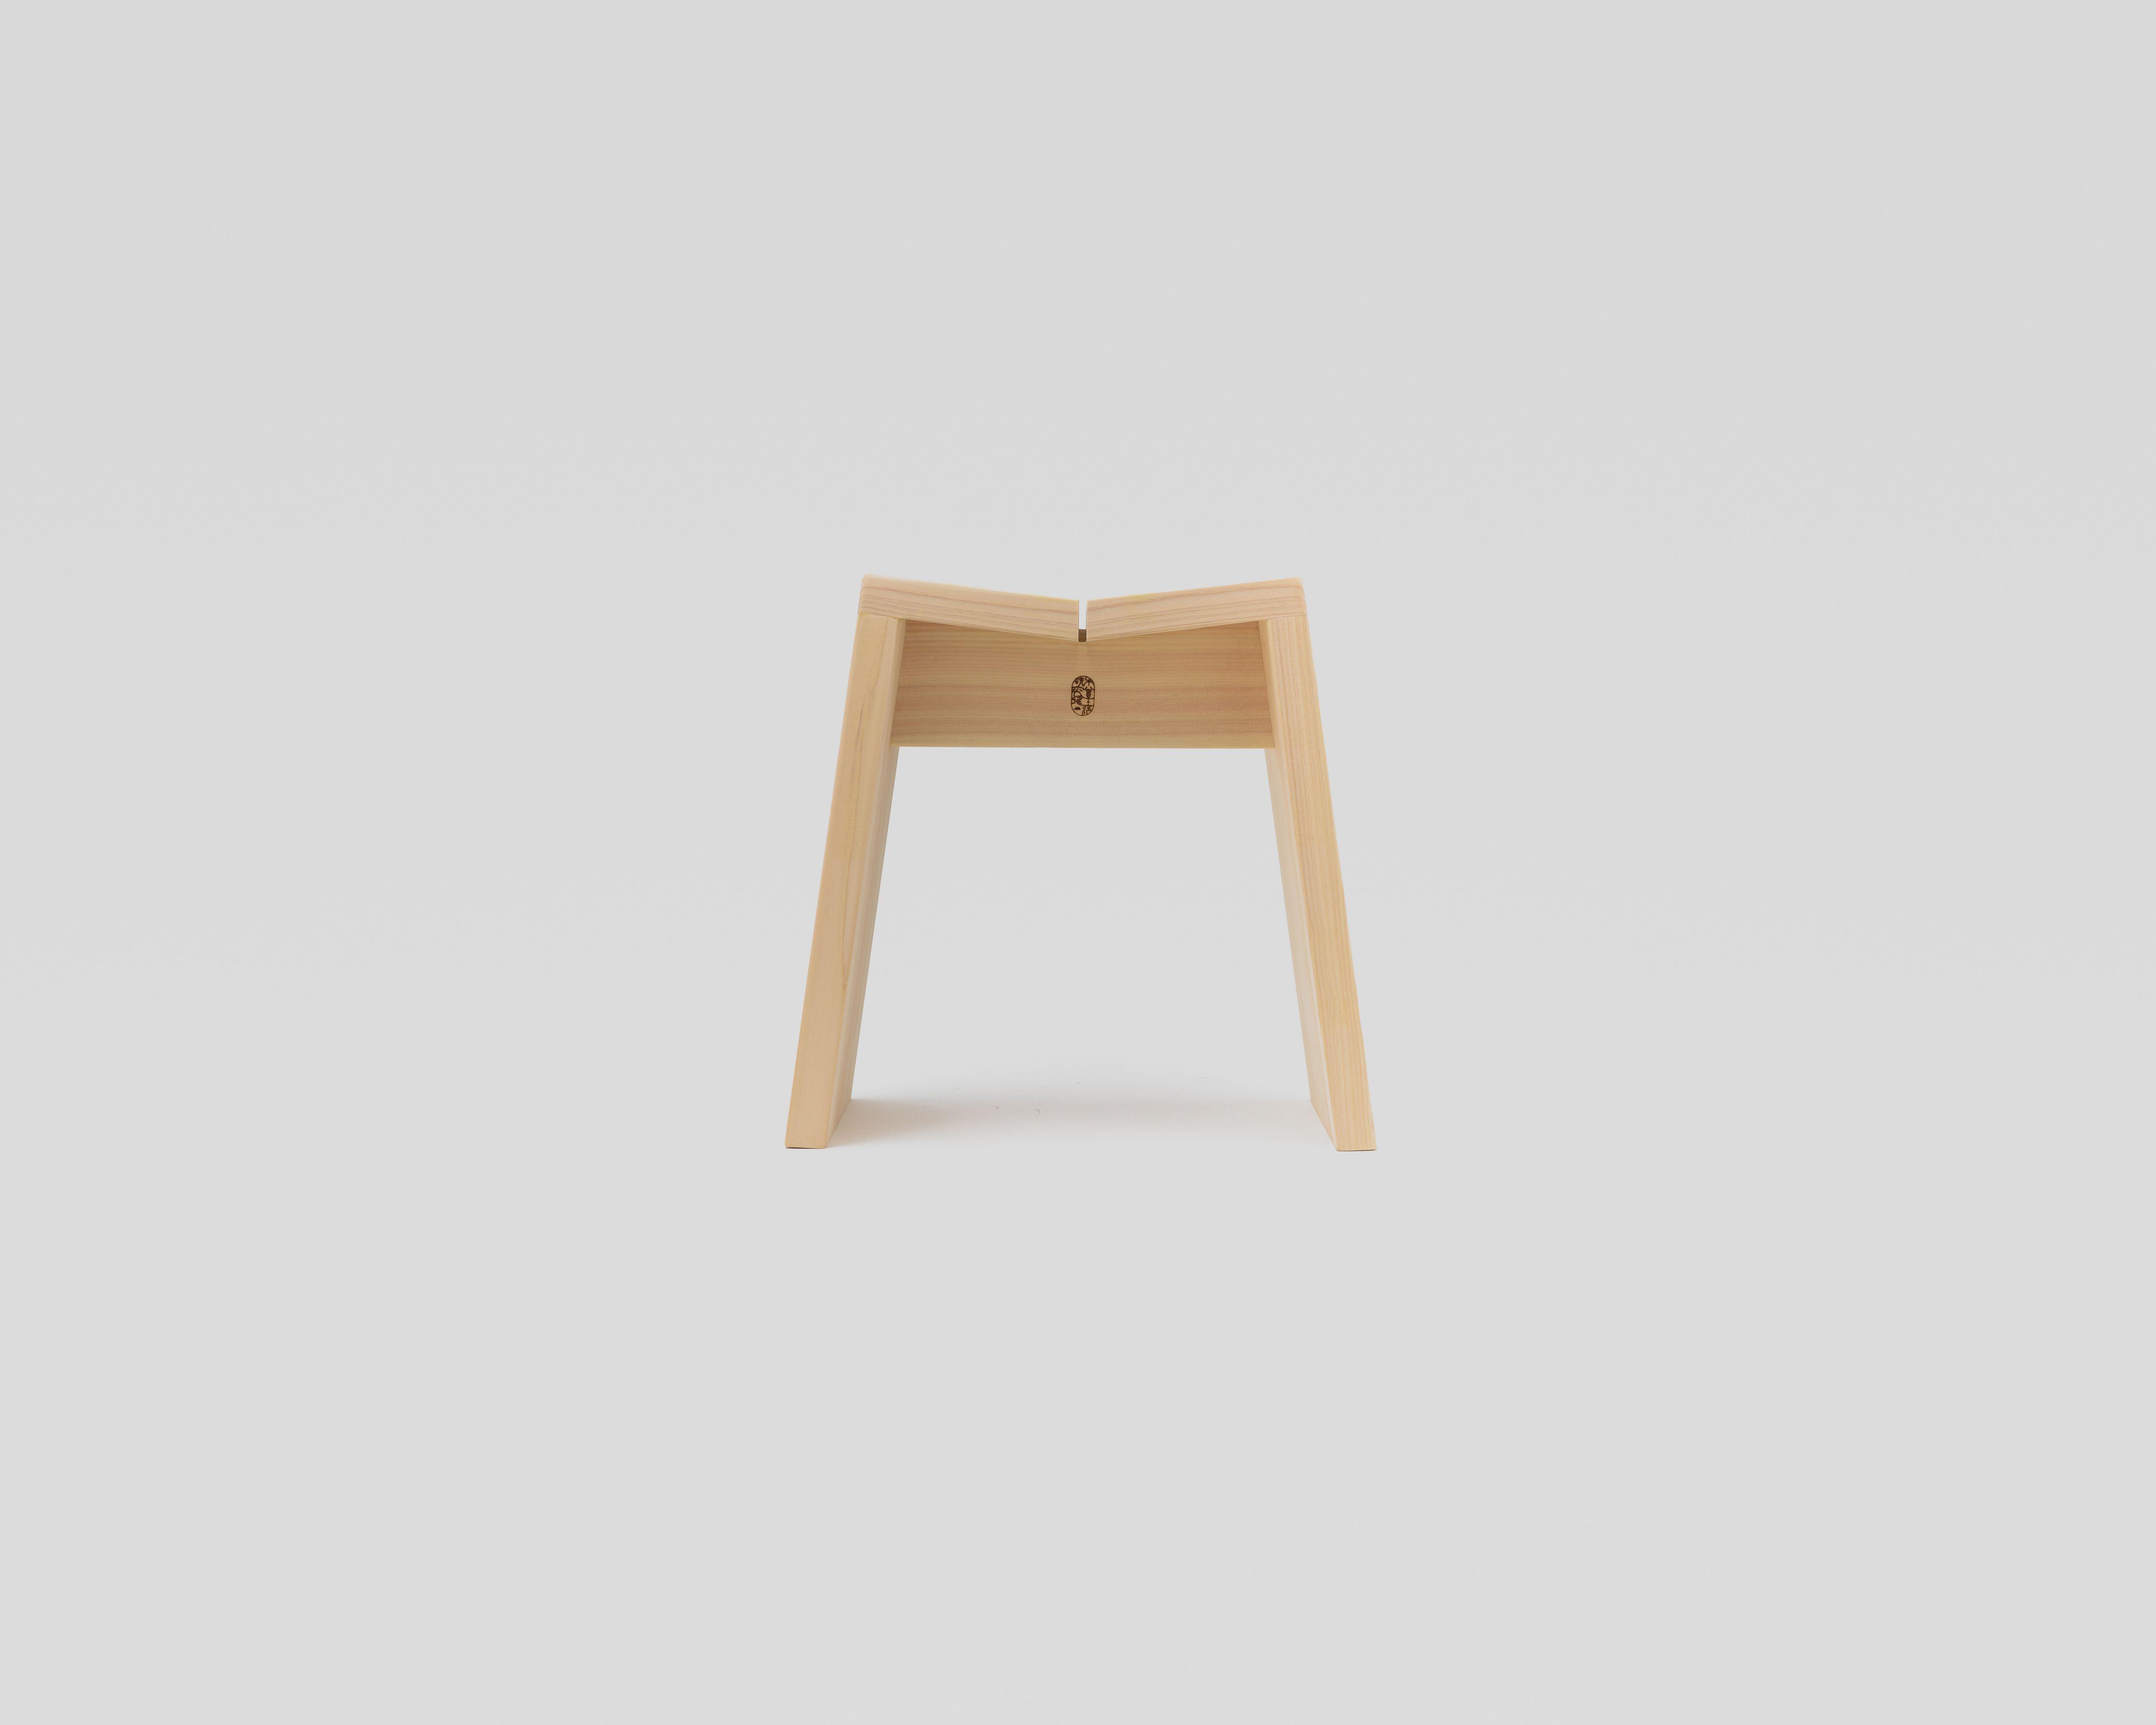 NEW木曽のヒノキでつくった風呂椅子03